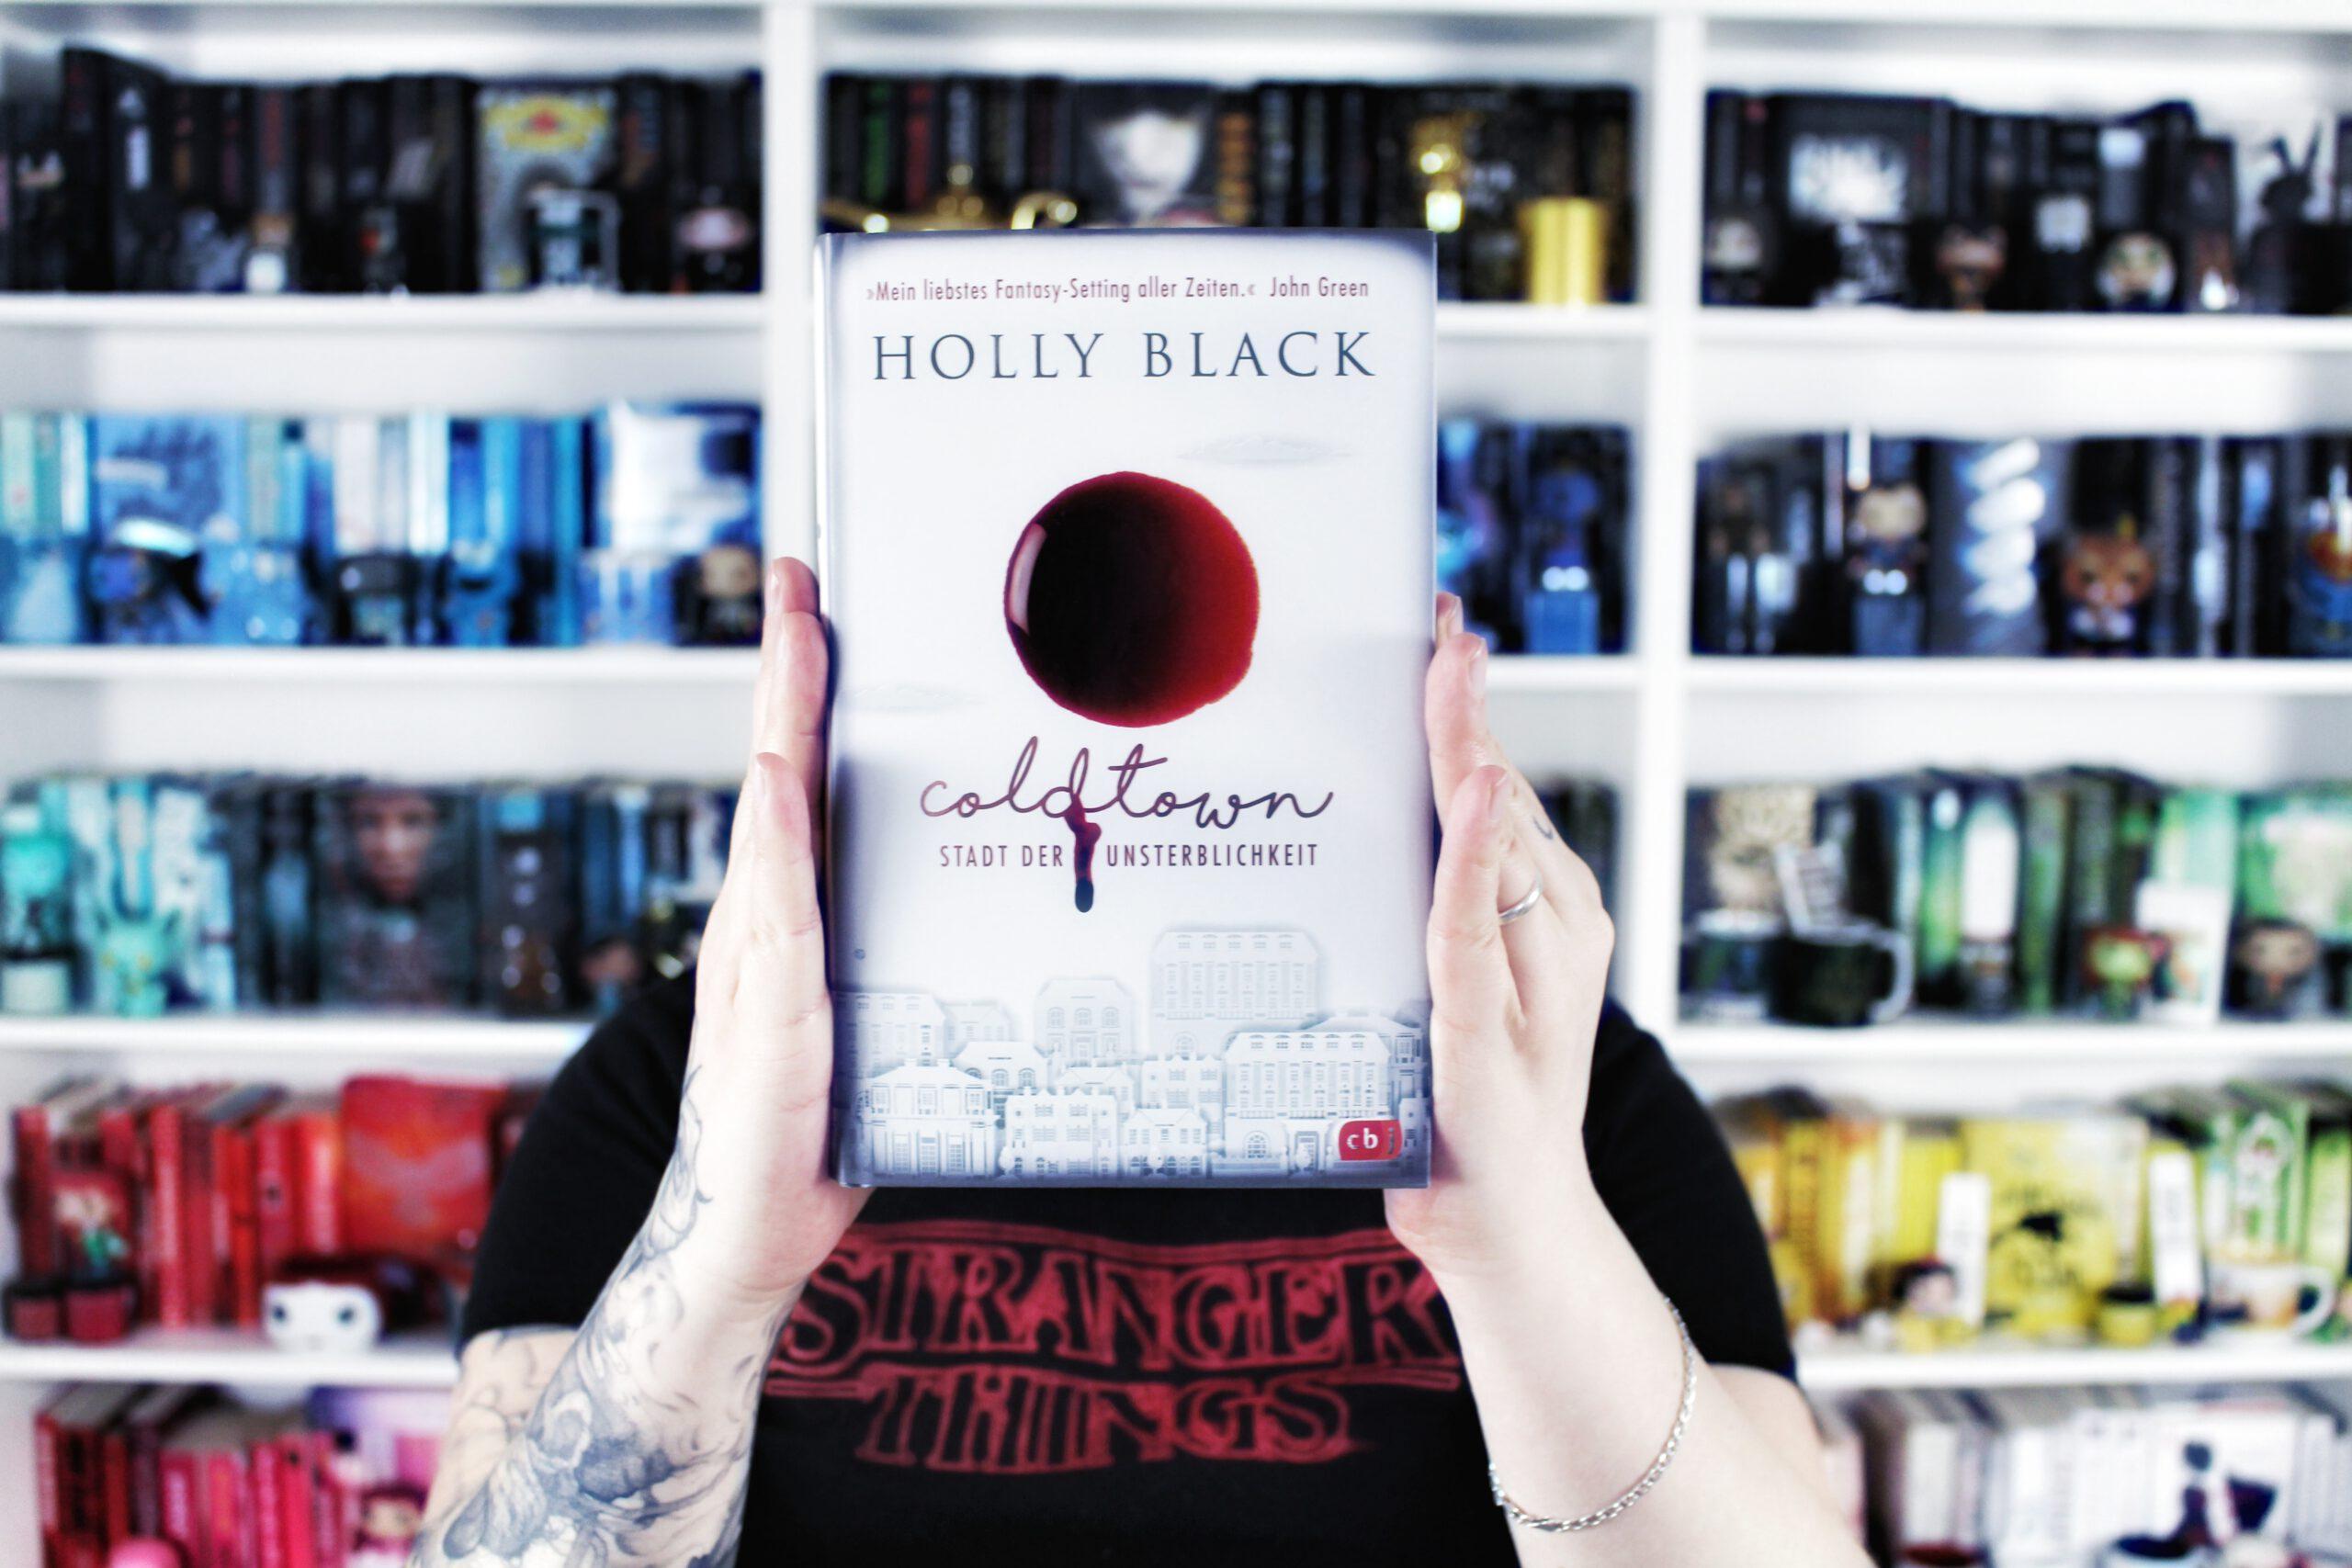 Rezension | Coldtown von Holly Black